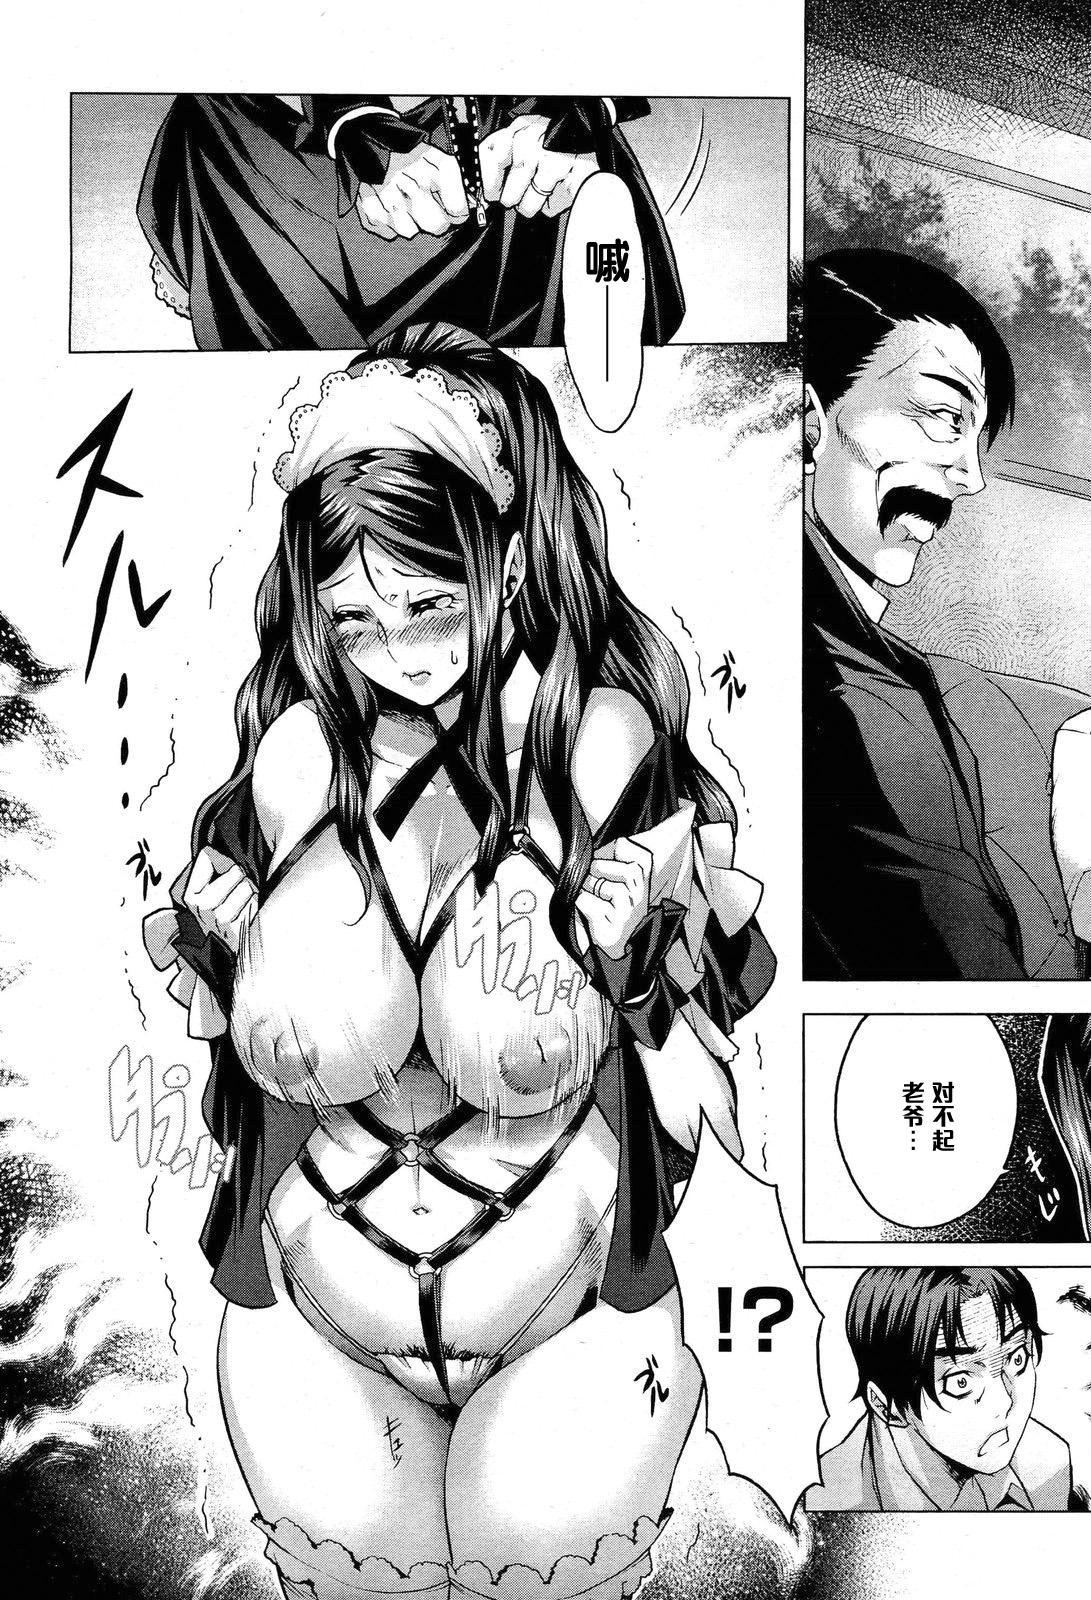 Koufuku no Daishou 6